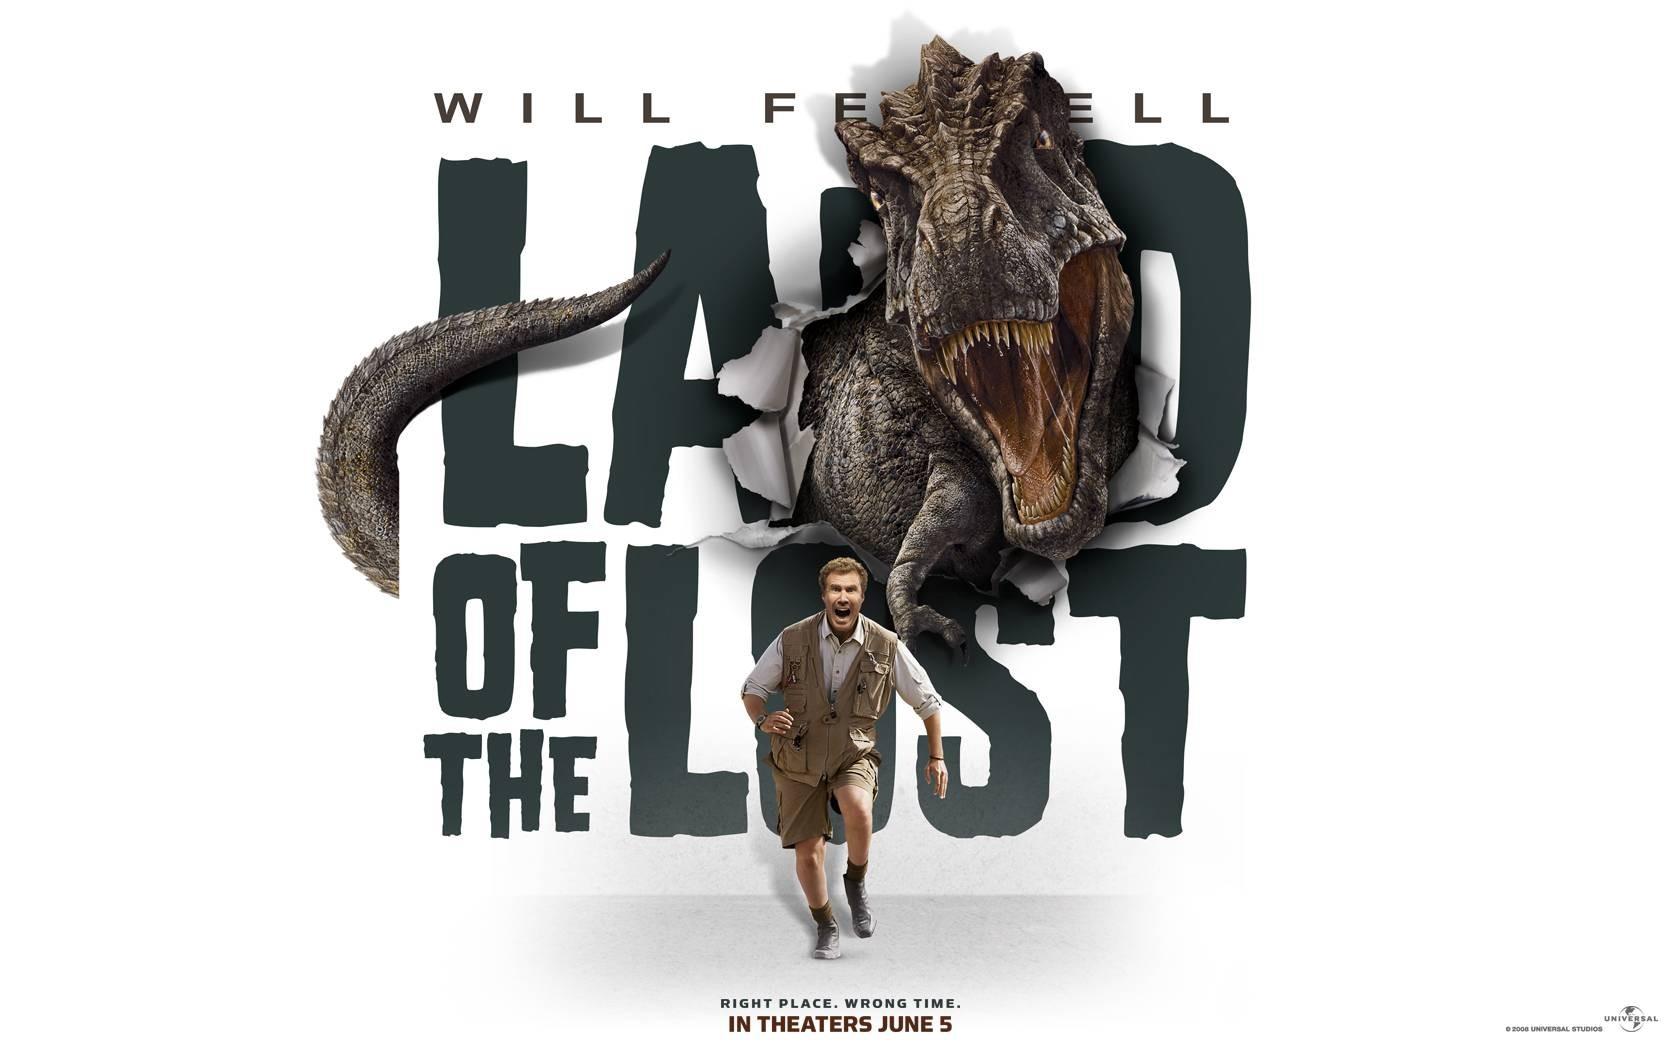 Wallpaper del film Land of the Lost con Will Ferrell